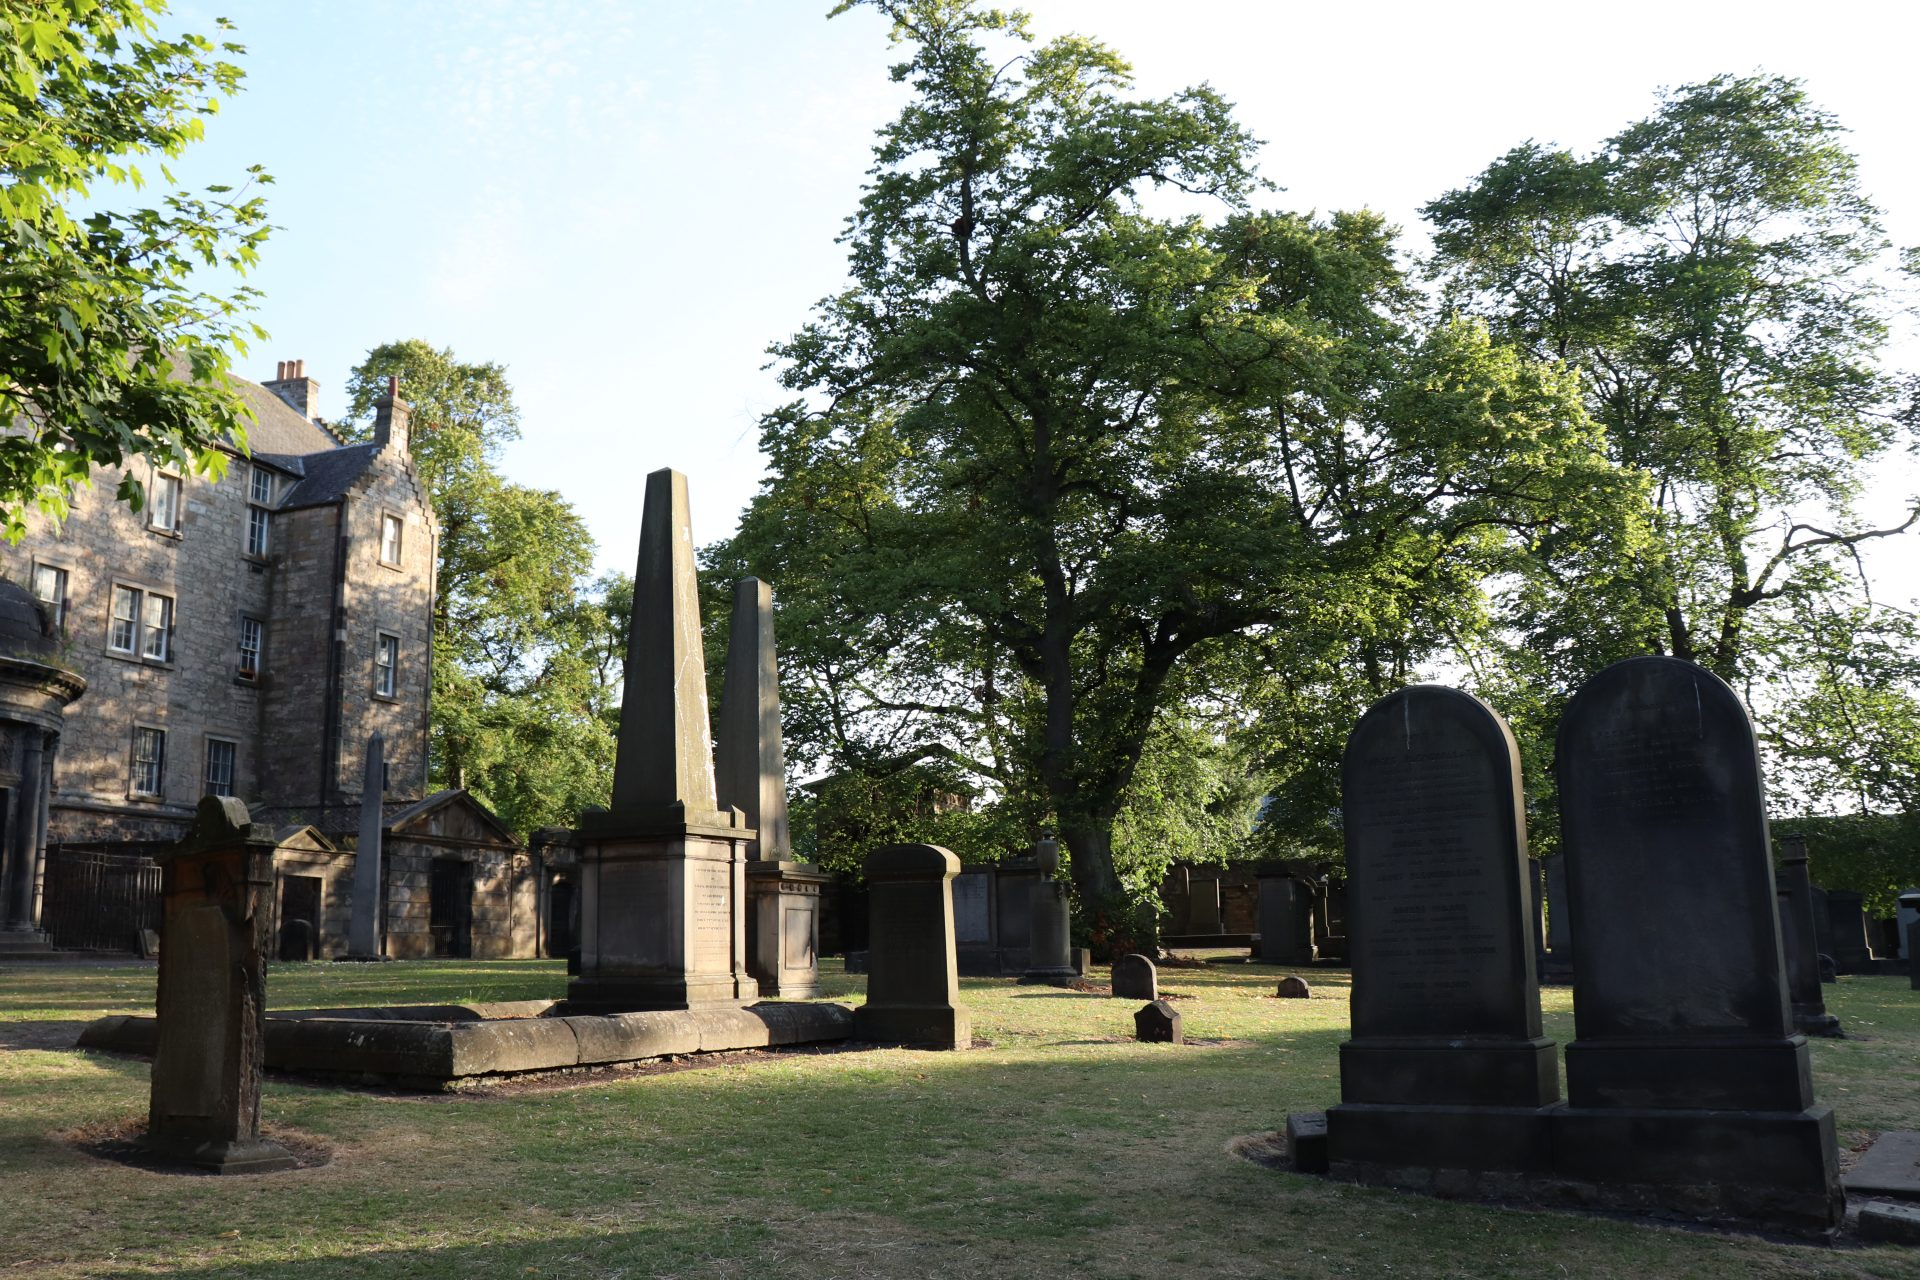 Greyfriars Cemetery – Hier findet der Besucher Ruhe und Stille